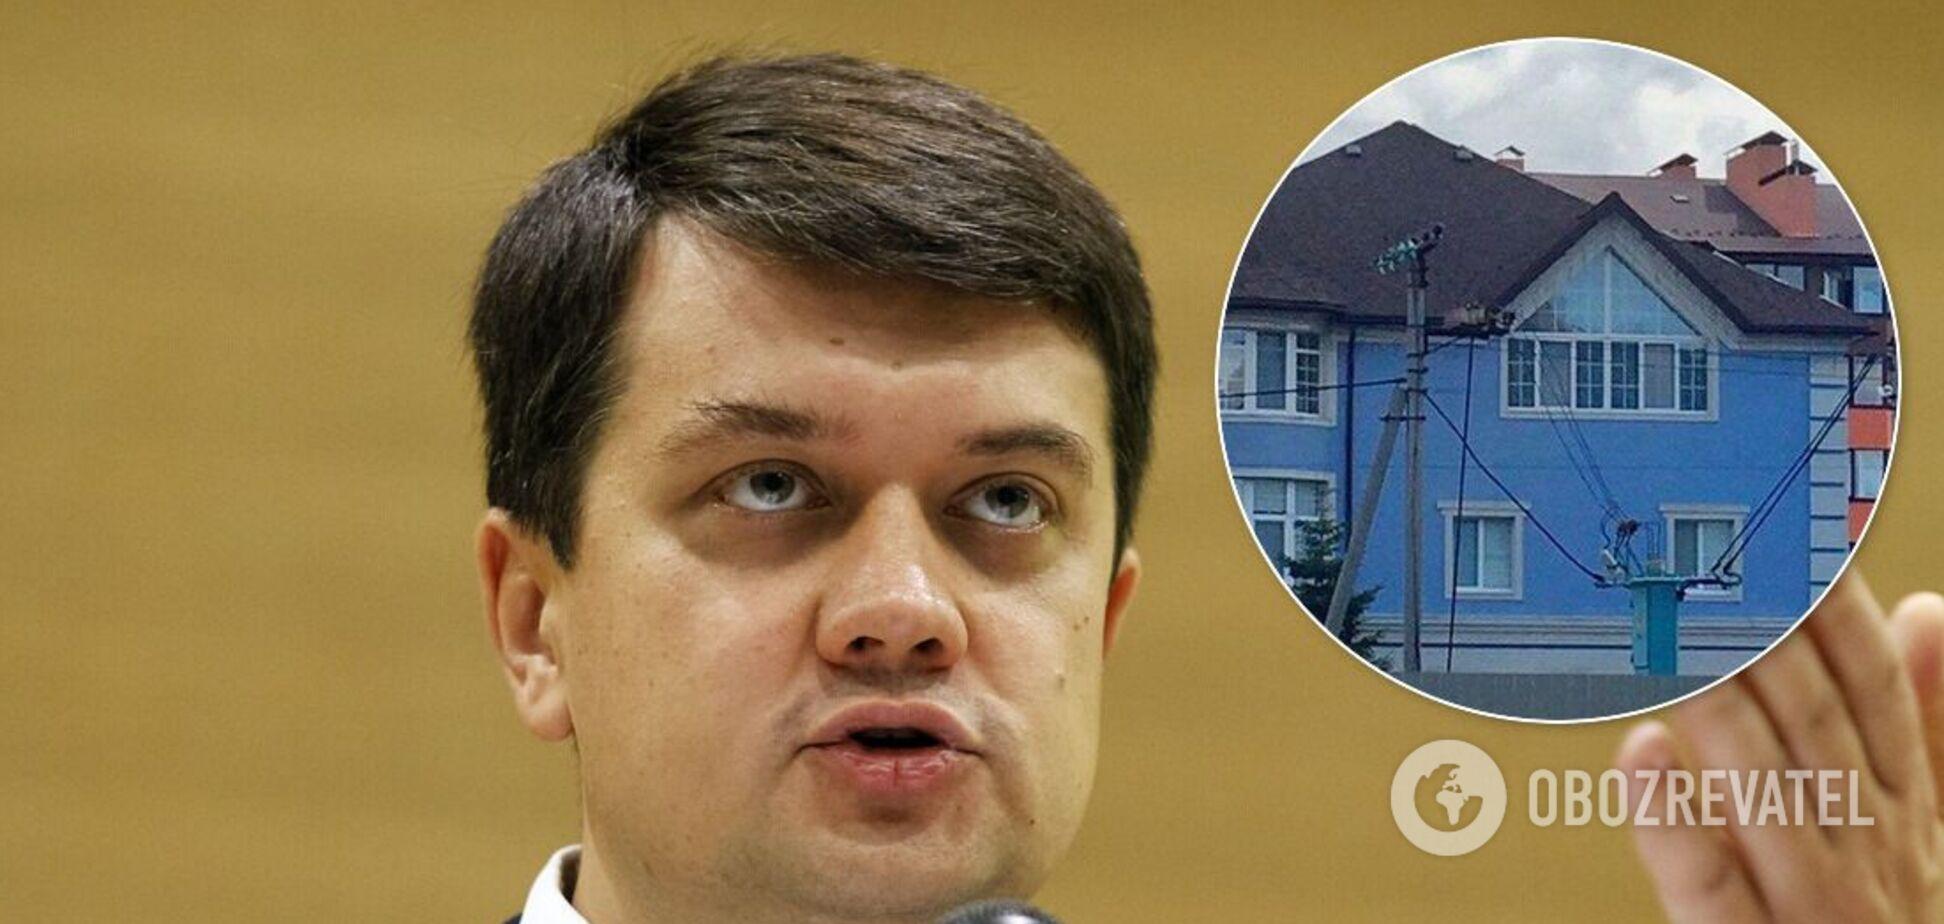 Разумков отреагировал на обвинения СМИ по поводу элитного дома